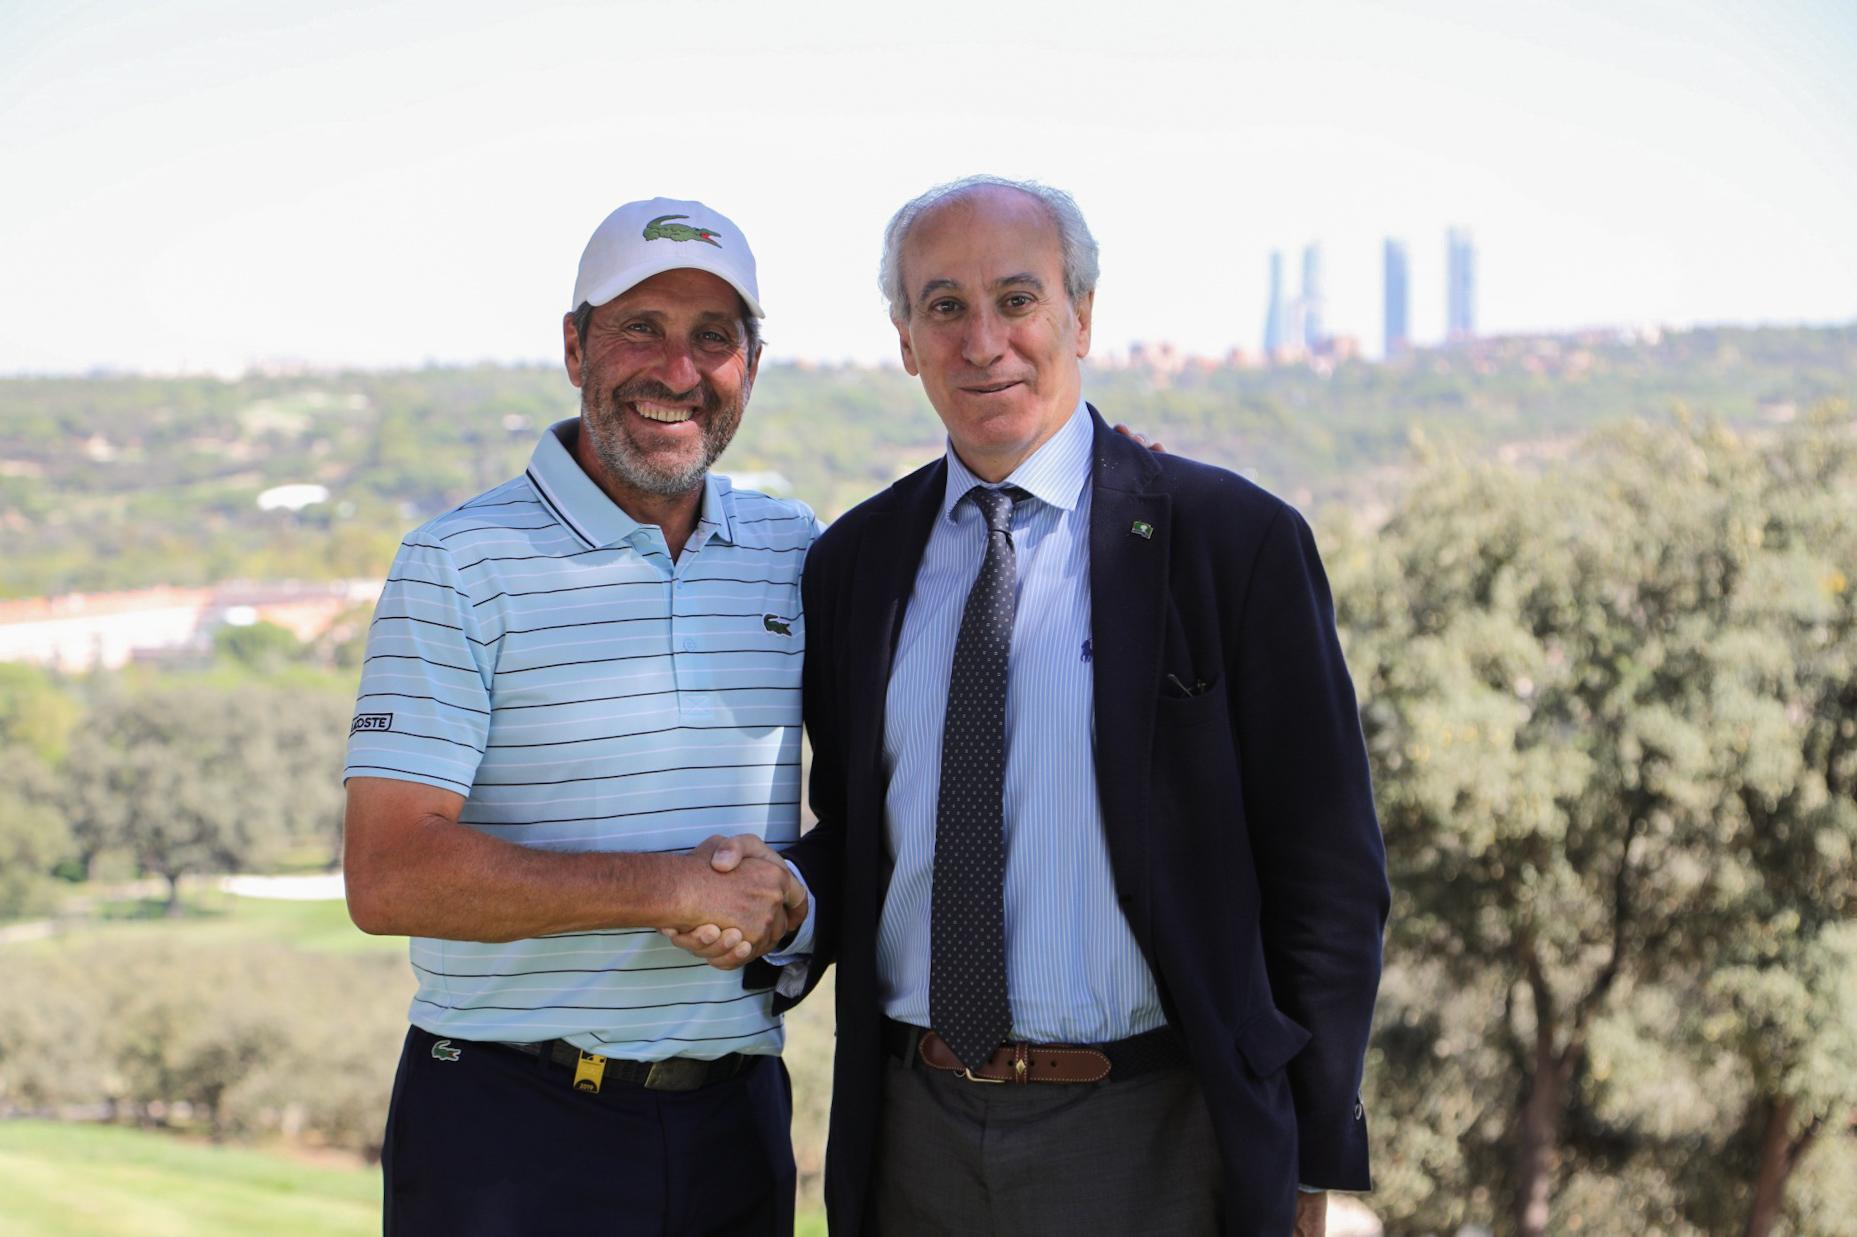 El gerente del Club, Juan Carlos Vera Pró (dcha.), con el golfista José María Olazábal. Foto: Miguel Ros